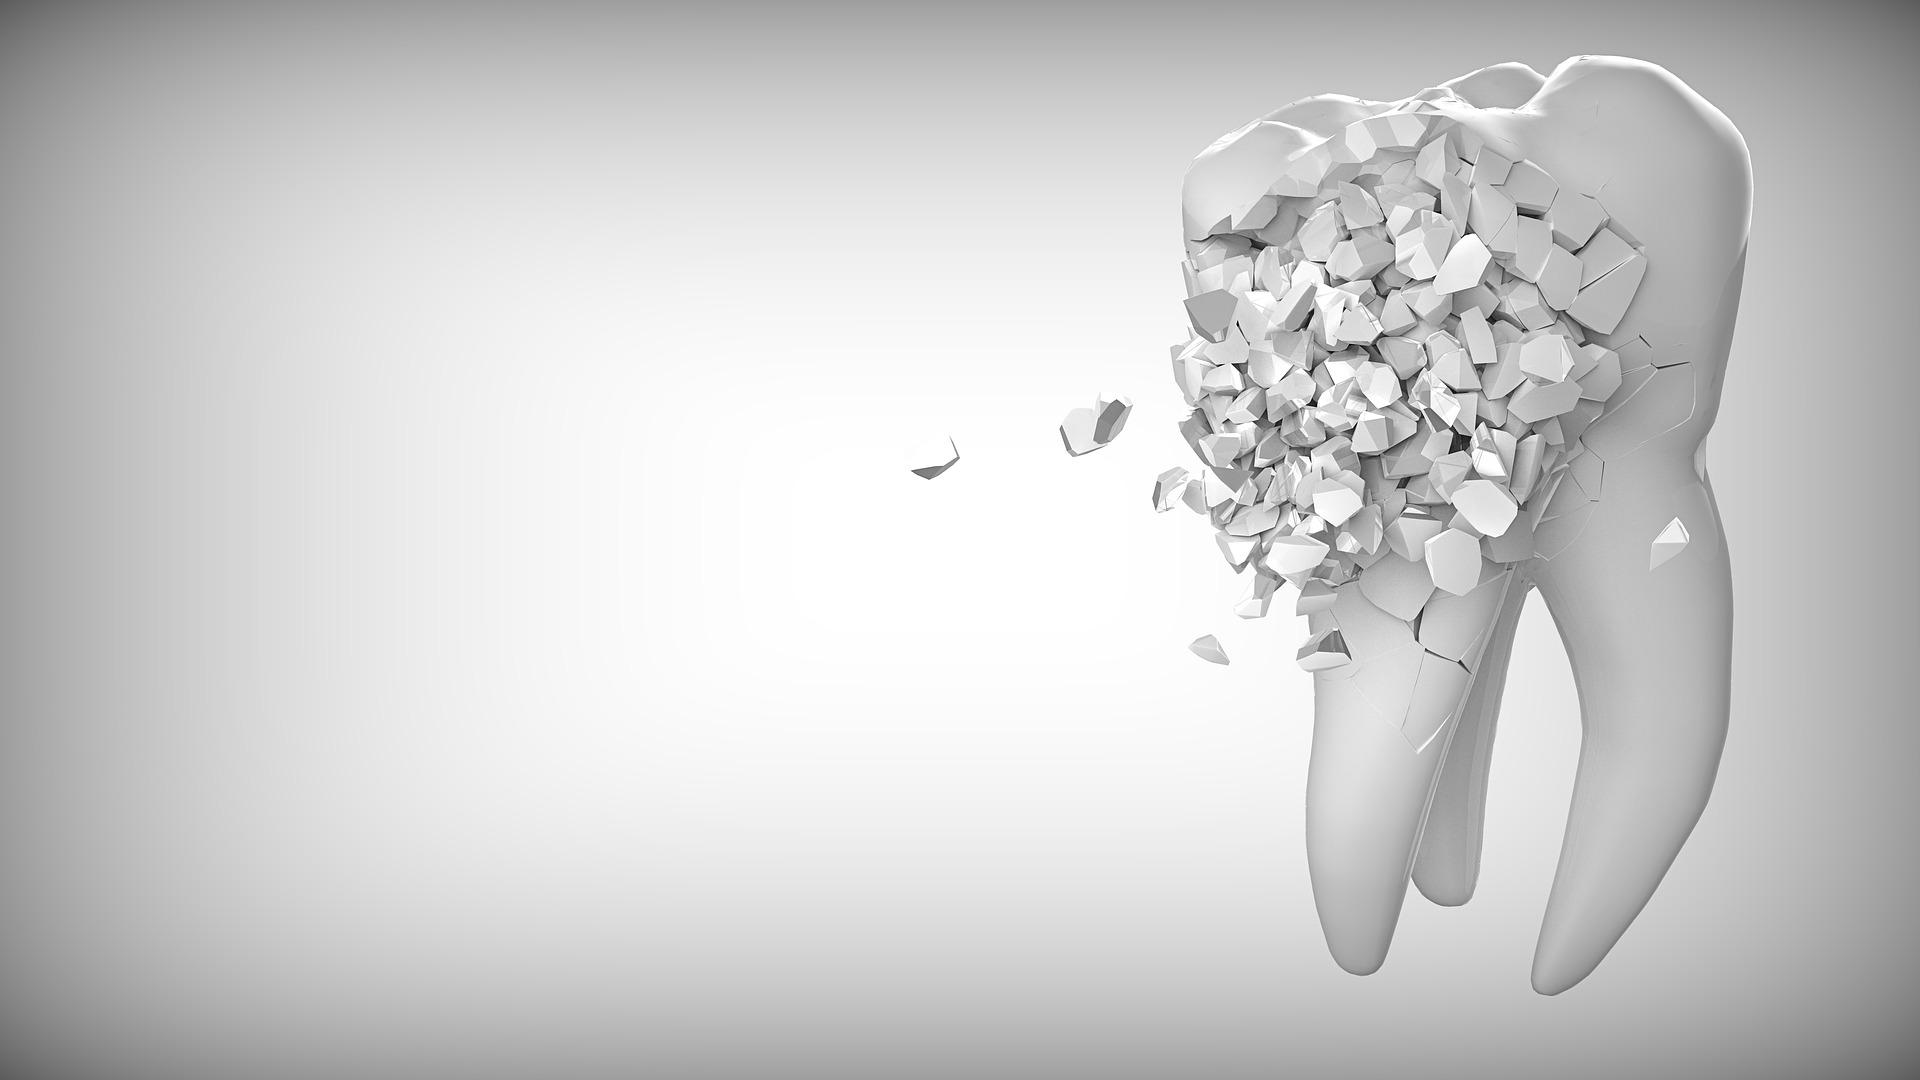 Zahnfüllung fällt raus